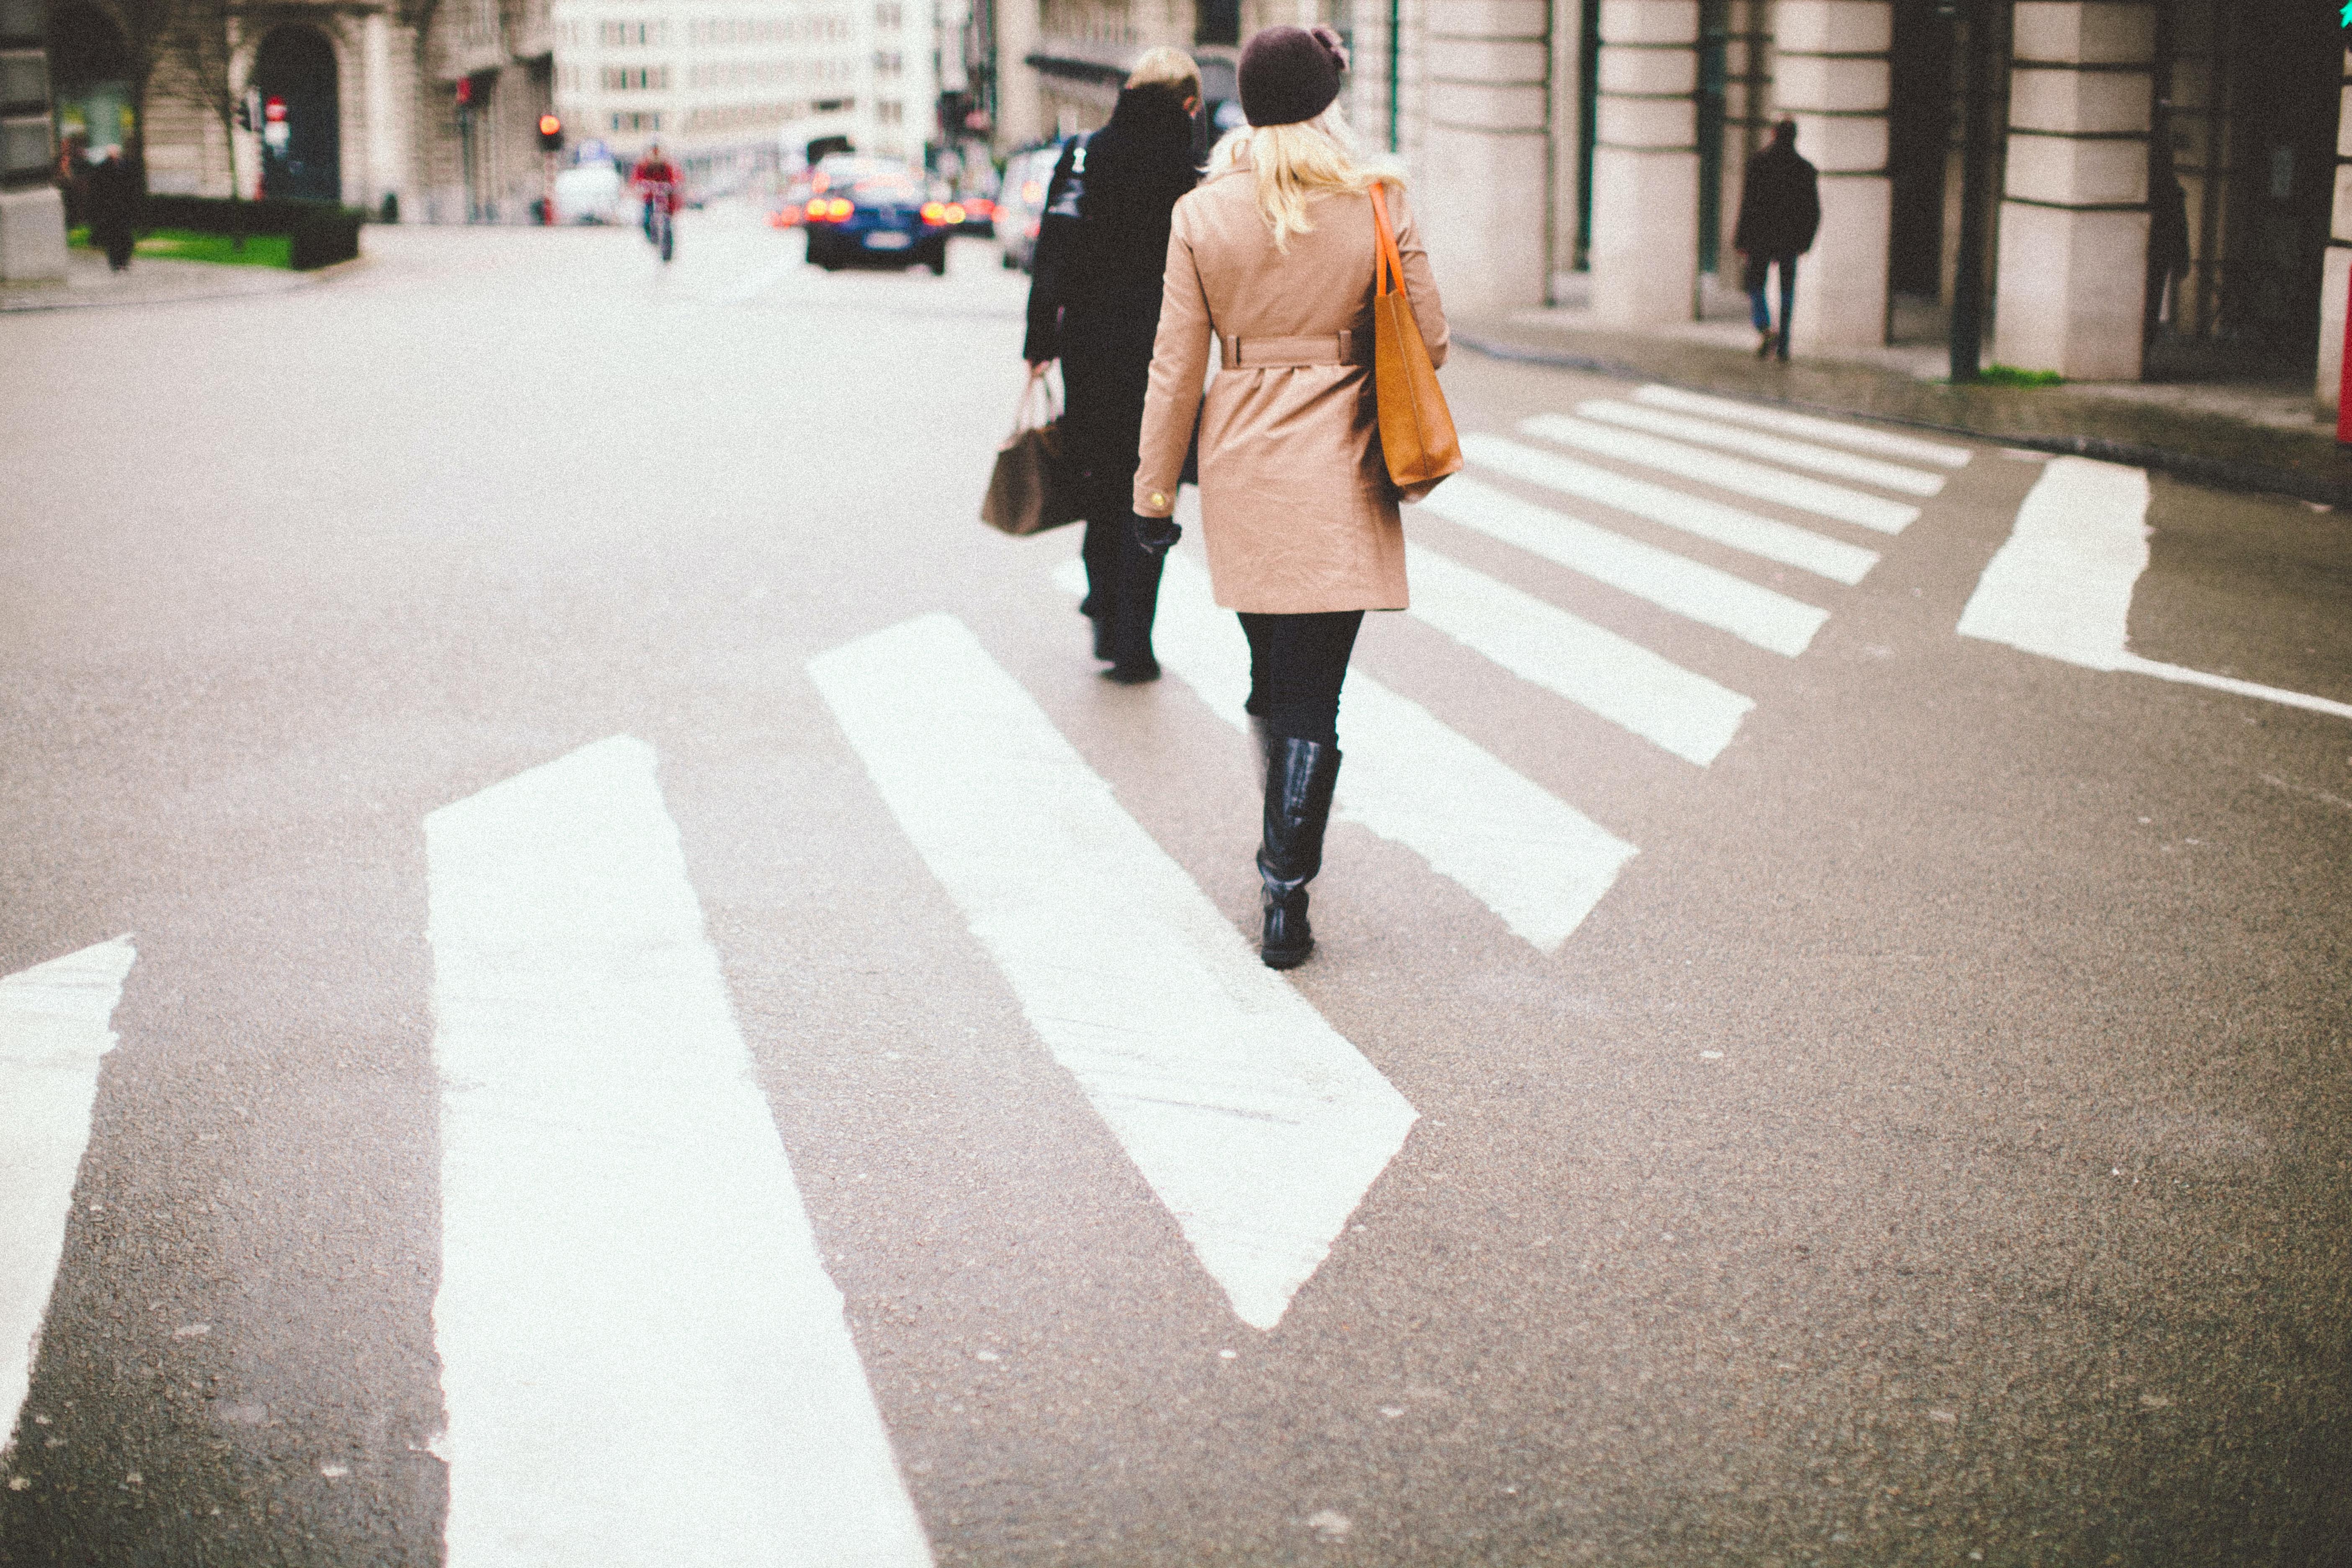 two people walking on pedestrian lane towards gray concrete pillars during daytime photo